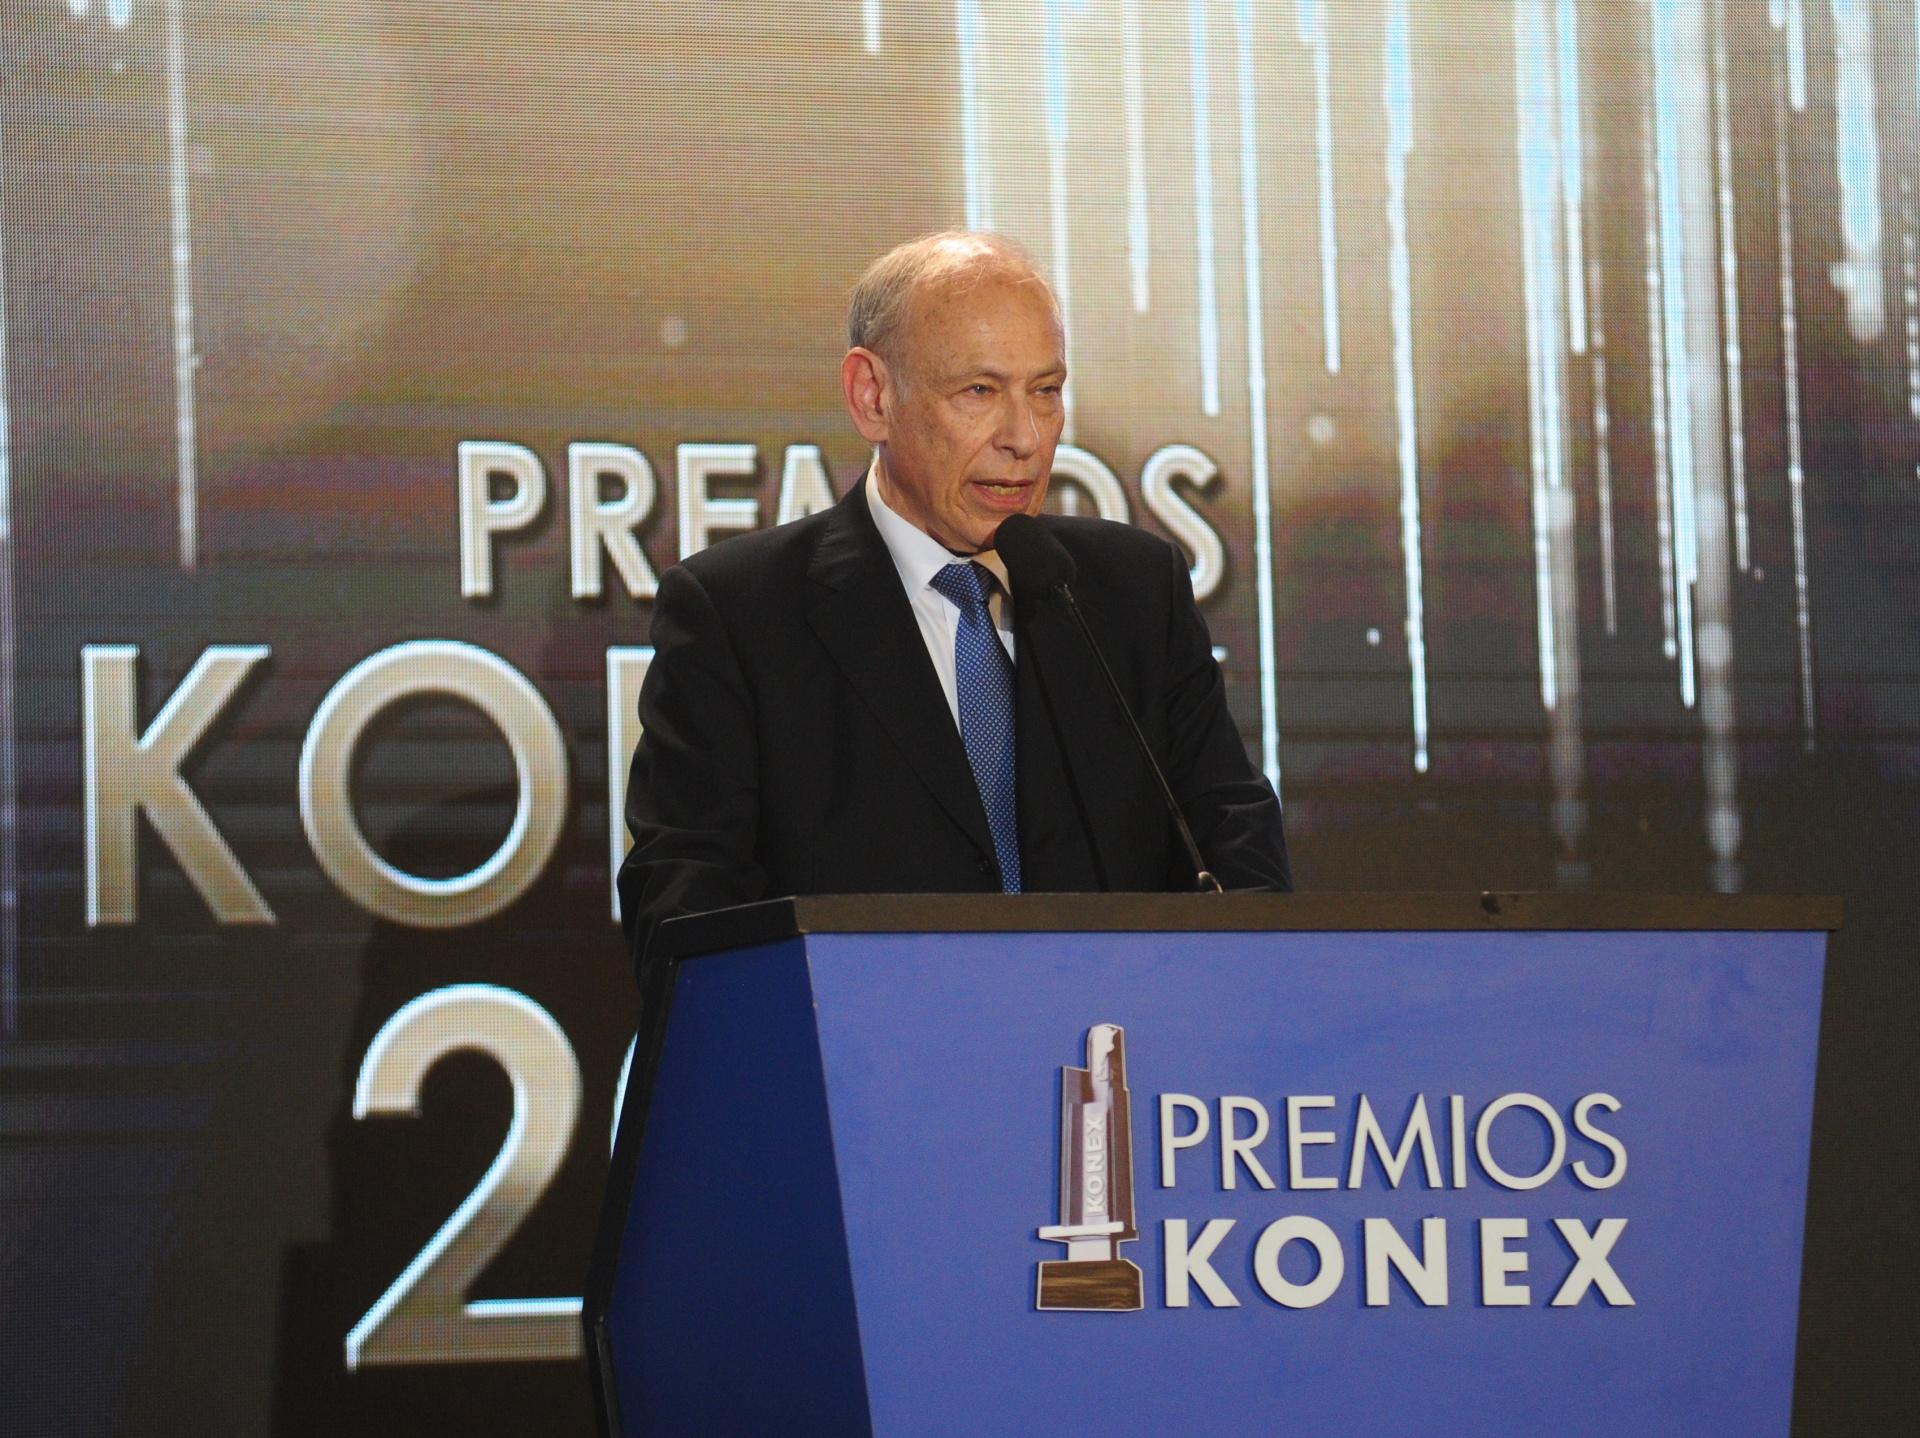 El presidente de la Fundación Konex, Luis Ovsejevich, durante elacto culminatorio de entrega de los Premios Konex a quienes demostraron la mejor labor en su actividad y en la última década (2008-2017), que se llevó a cabo en el Salón de Actos de la Facultad de Derecho de la Universidad de Buenos Aires